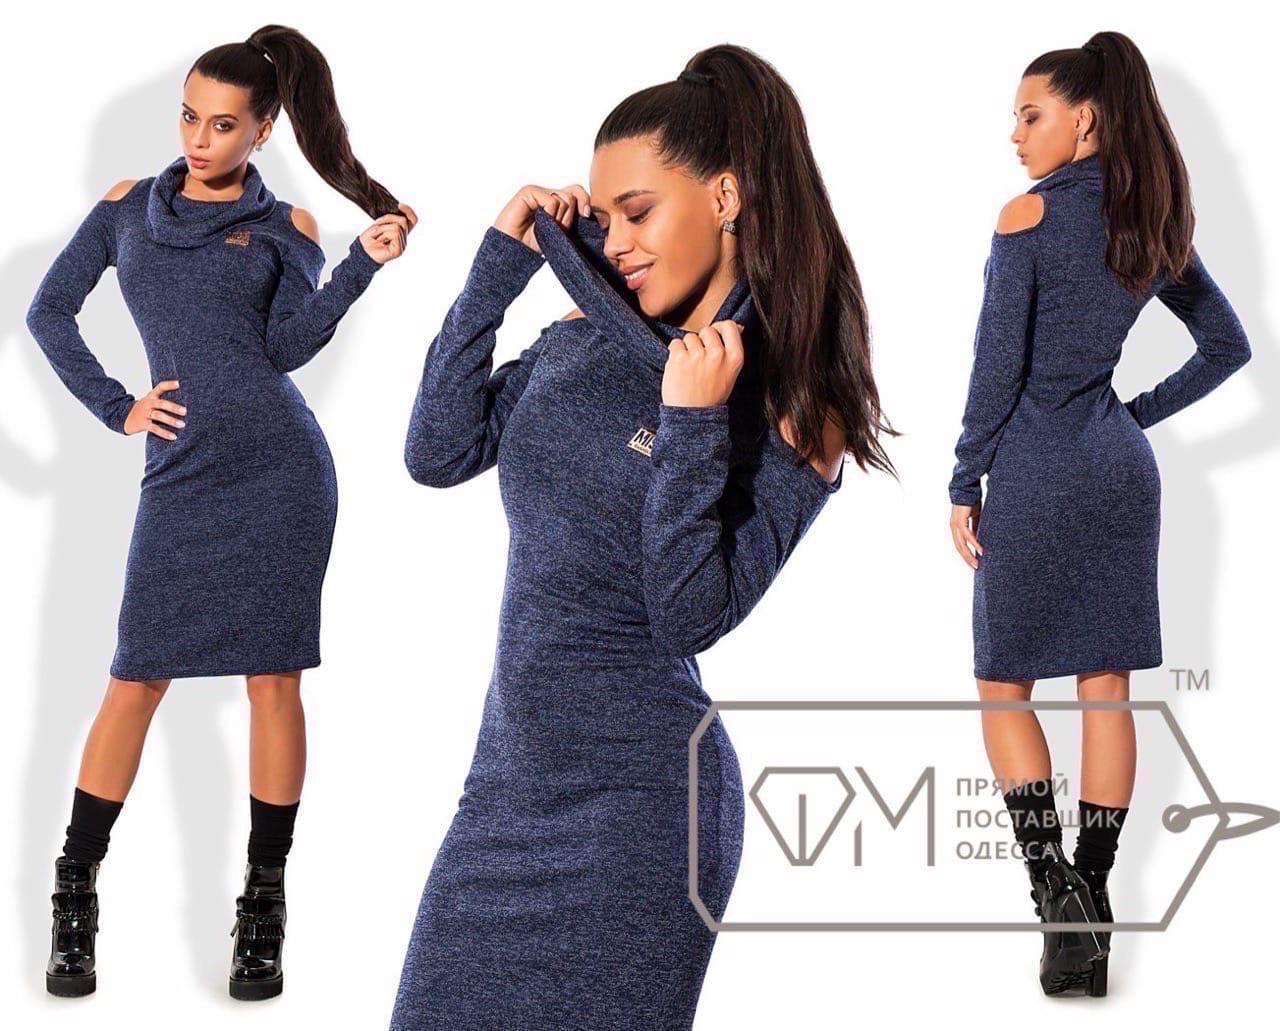 Платье женское приталенное с открытыми плечами, разные цвета, р.S;M;L;XL Код 591Д